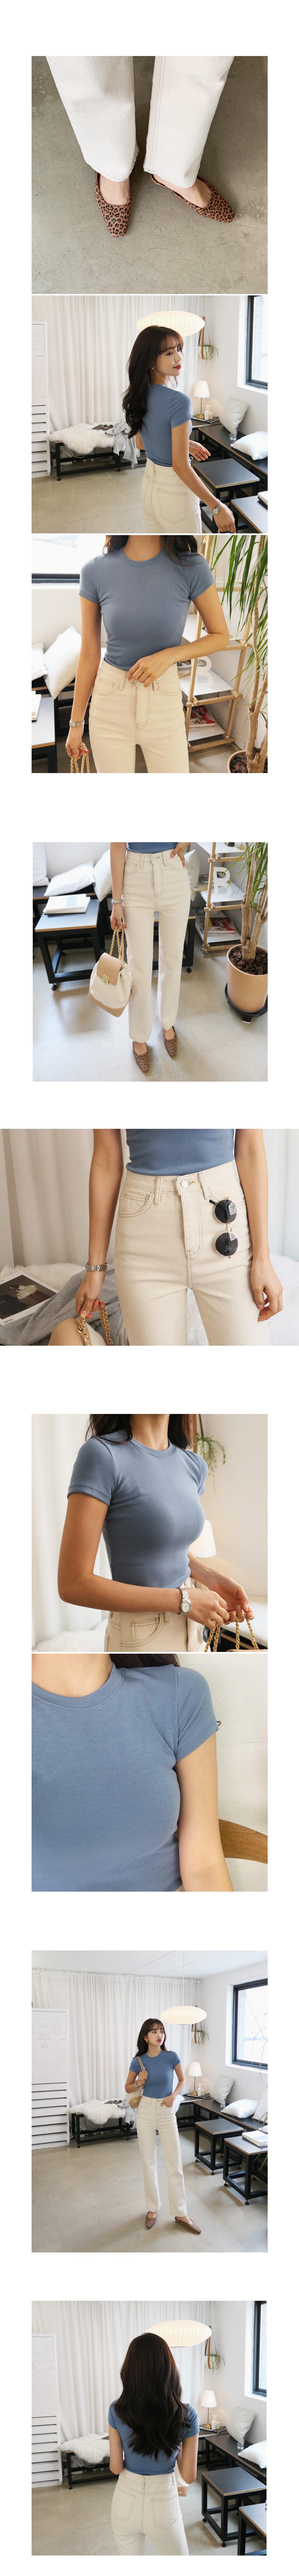 88bcb0addb4df5 ステッチストレートコットンパンツ・全2色パンツ・ズボンパンツ・ズボン ...